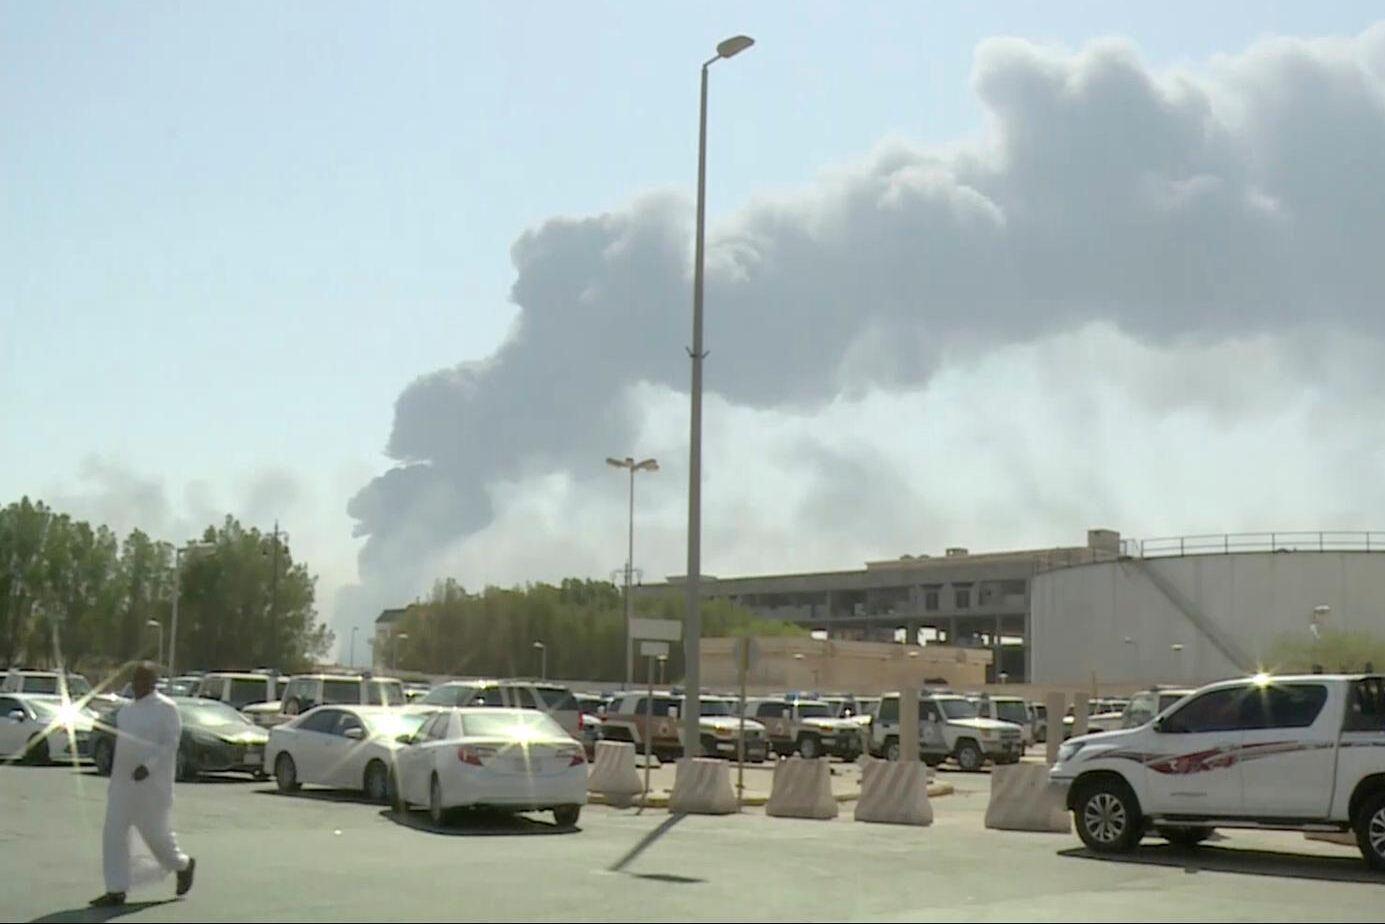 Oljeanläggningarna i Abqaiq och Khurais sattes i kraftig brand och rökmoln täckte ökenhimlen.